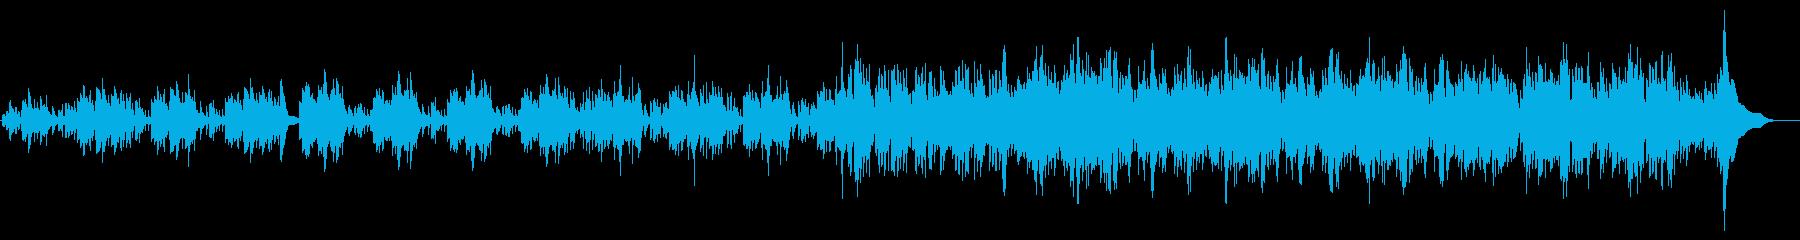 ハープの壮大な曲の再生済みの波形